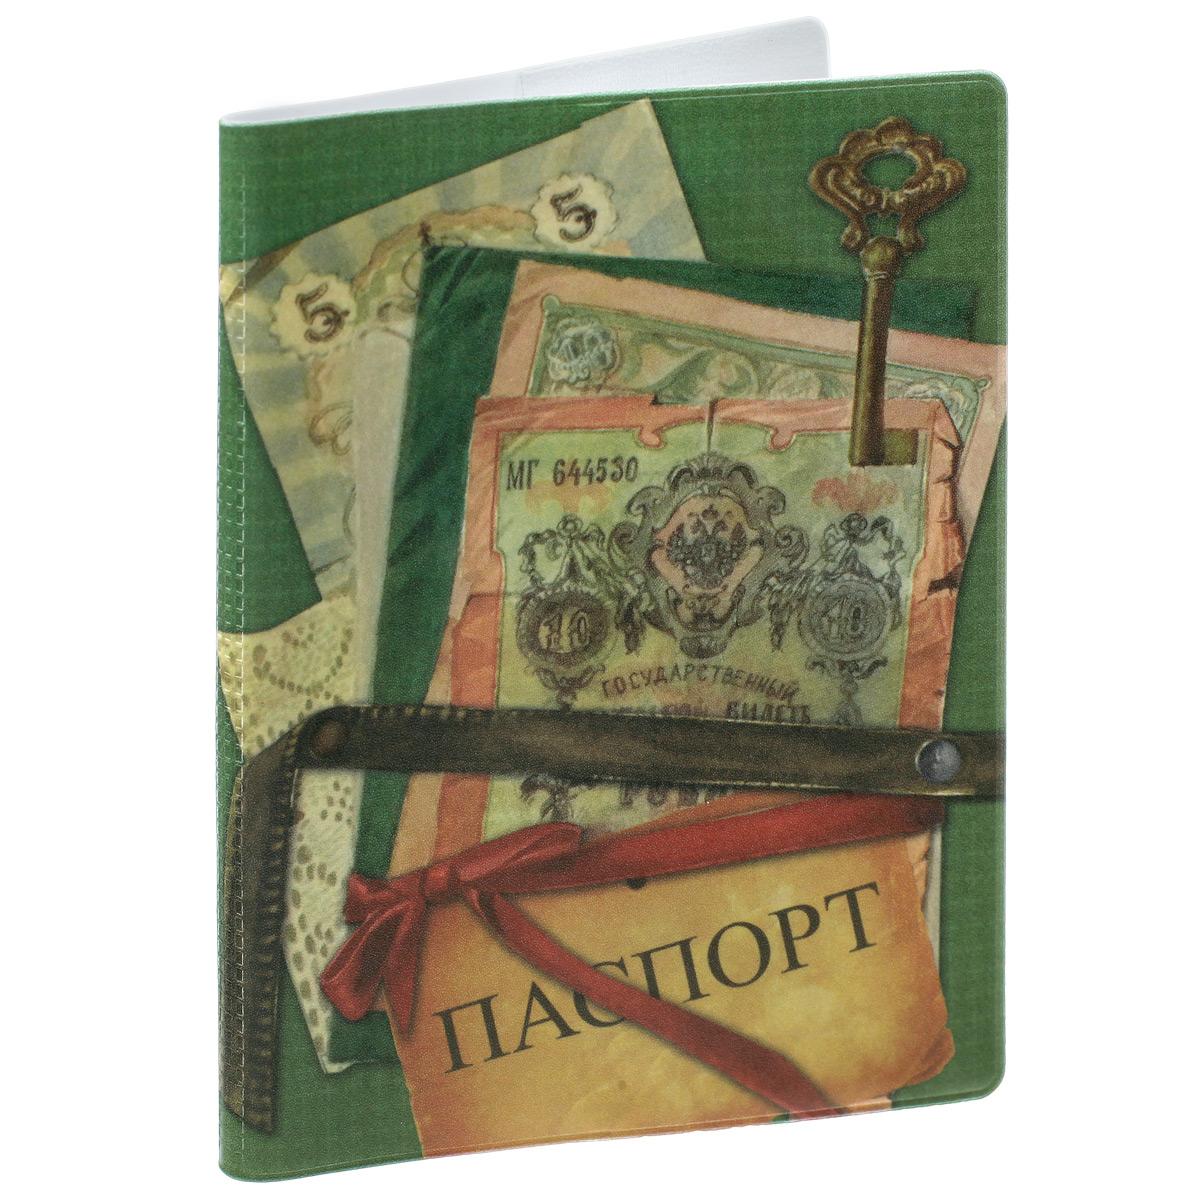 Обложка для паспорта Банкноты, цвет: зеленый. 37710450/8_коричневыйОбложка для паспорта Банкноты не только поможет сохранить внешний вид ваших документов и защитить их от повреждений, но и станет стильным аксессуаром, идеально подходящим вашему образу. Обложка выполнена из поливинилхлорида и оформлена оригинальным изображением денежных купюр. Внутри имеет два вертикальных кармана из прозрачного пластика. Такая обложка поможет вам подчеркнуть свою индивидуальность и неповторимость!